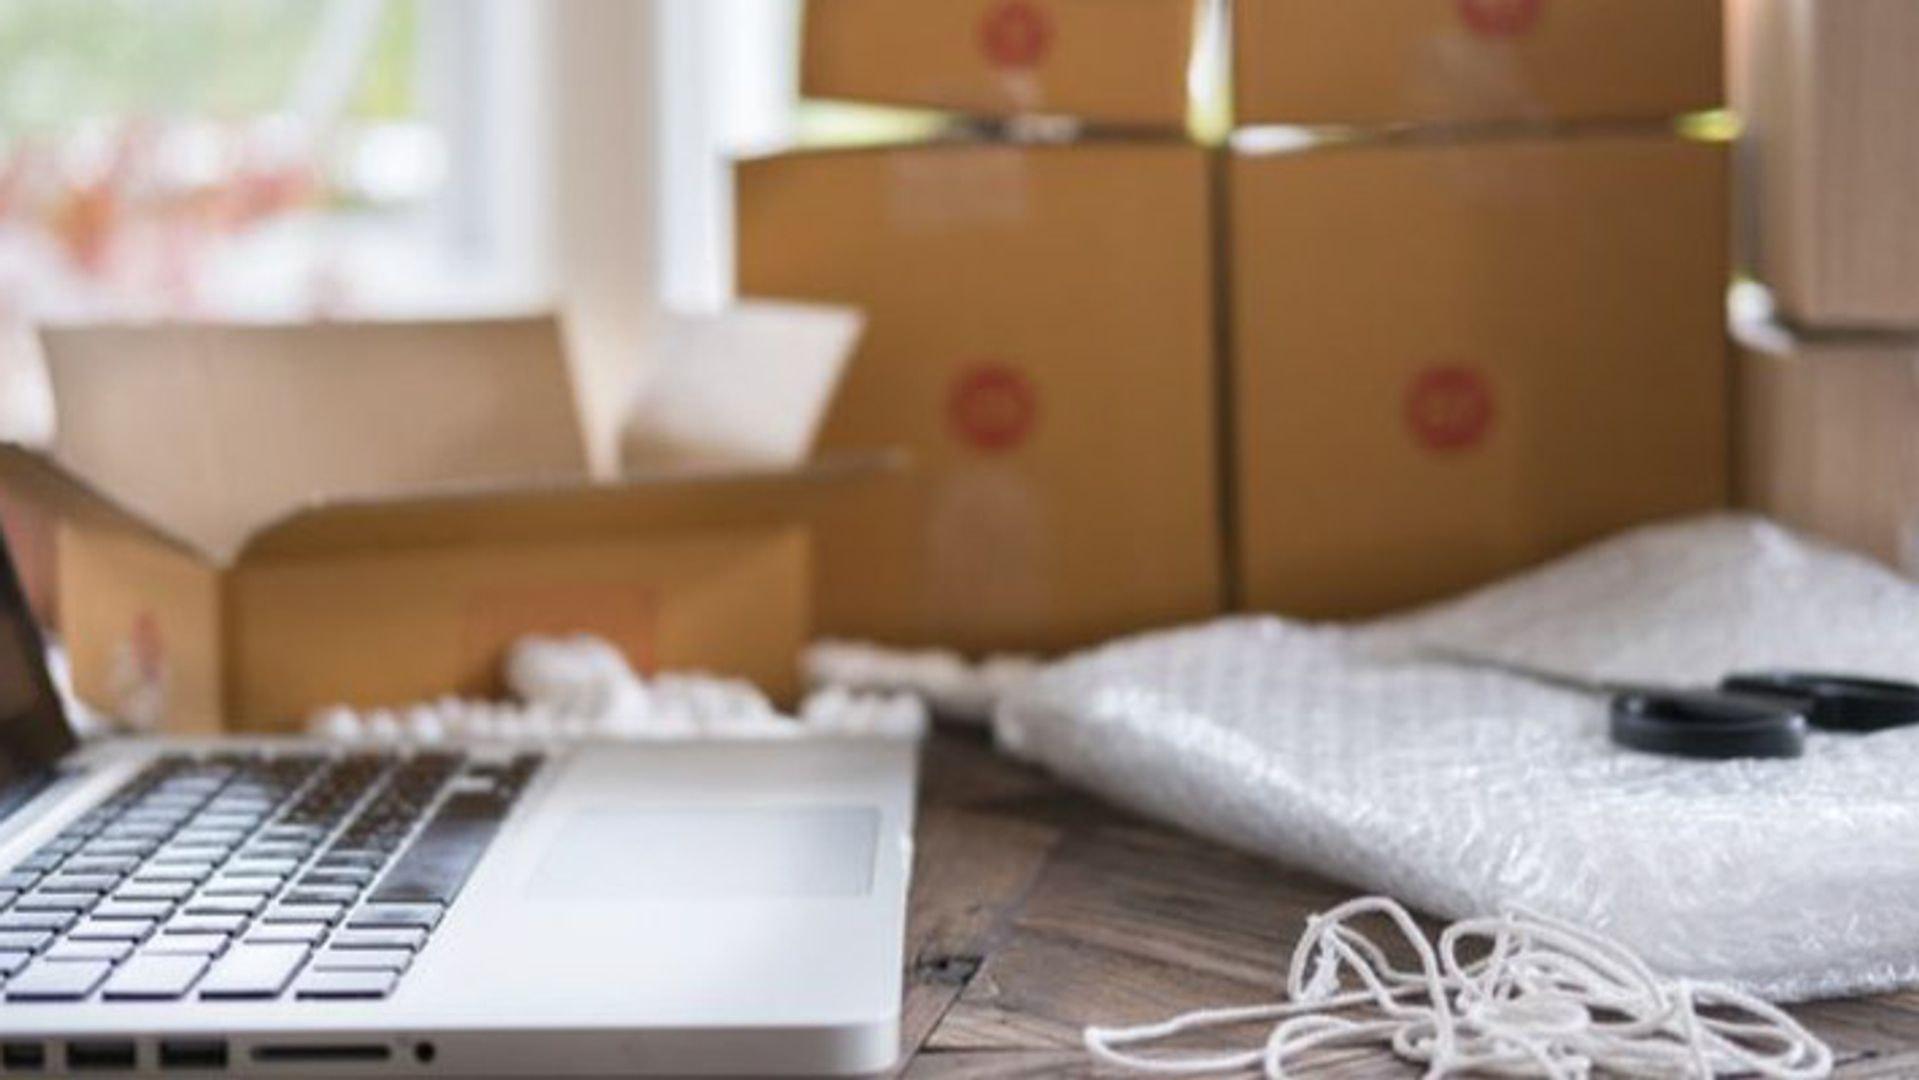 Marketplace Sales Vs. E-Commerce Sales - What Suits You?